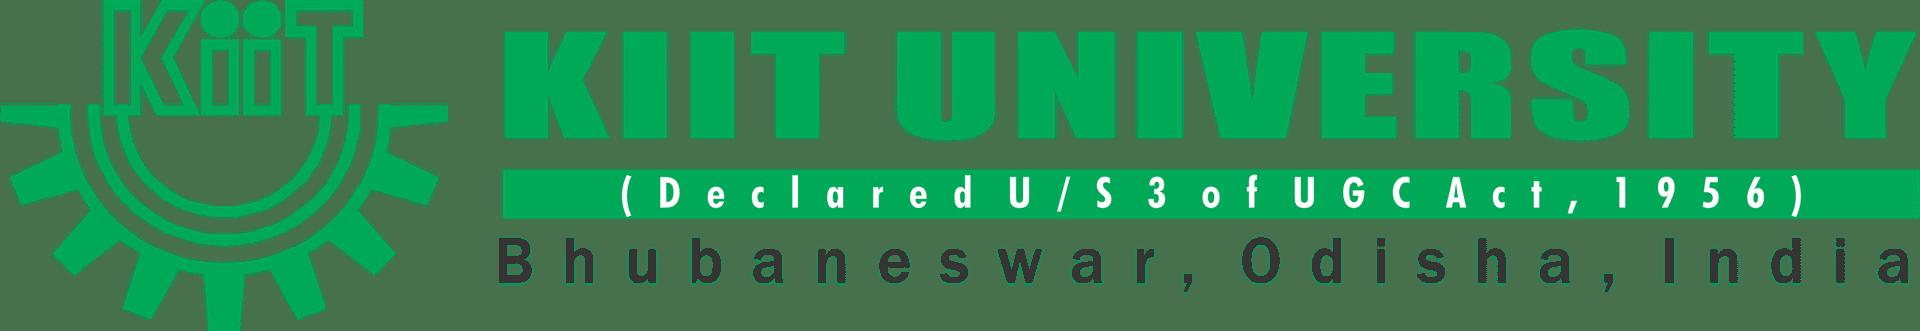 Kiit University Bhubaneswar Courses Fees Structure Collegedekho